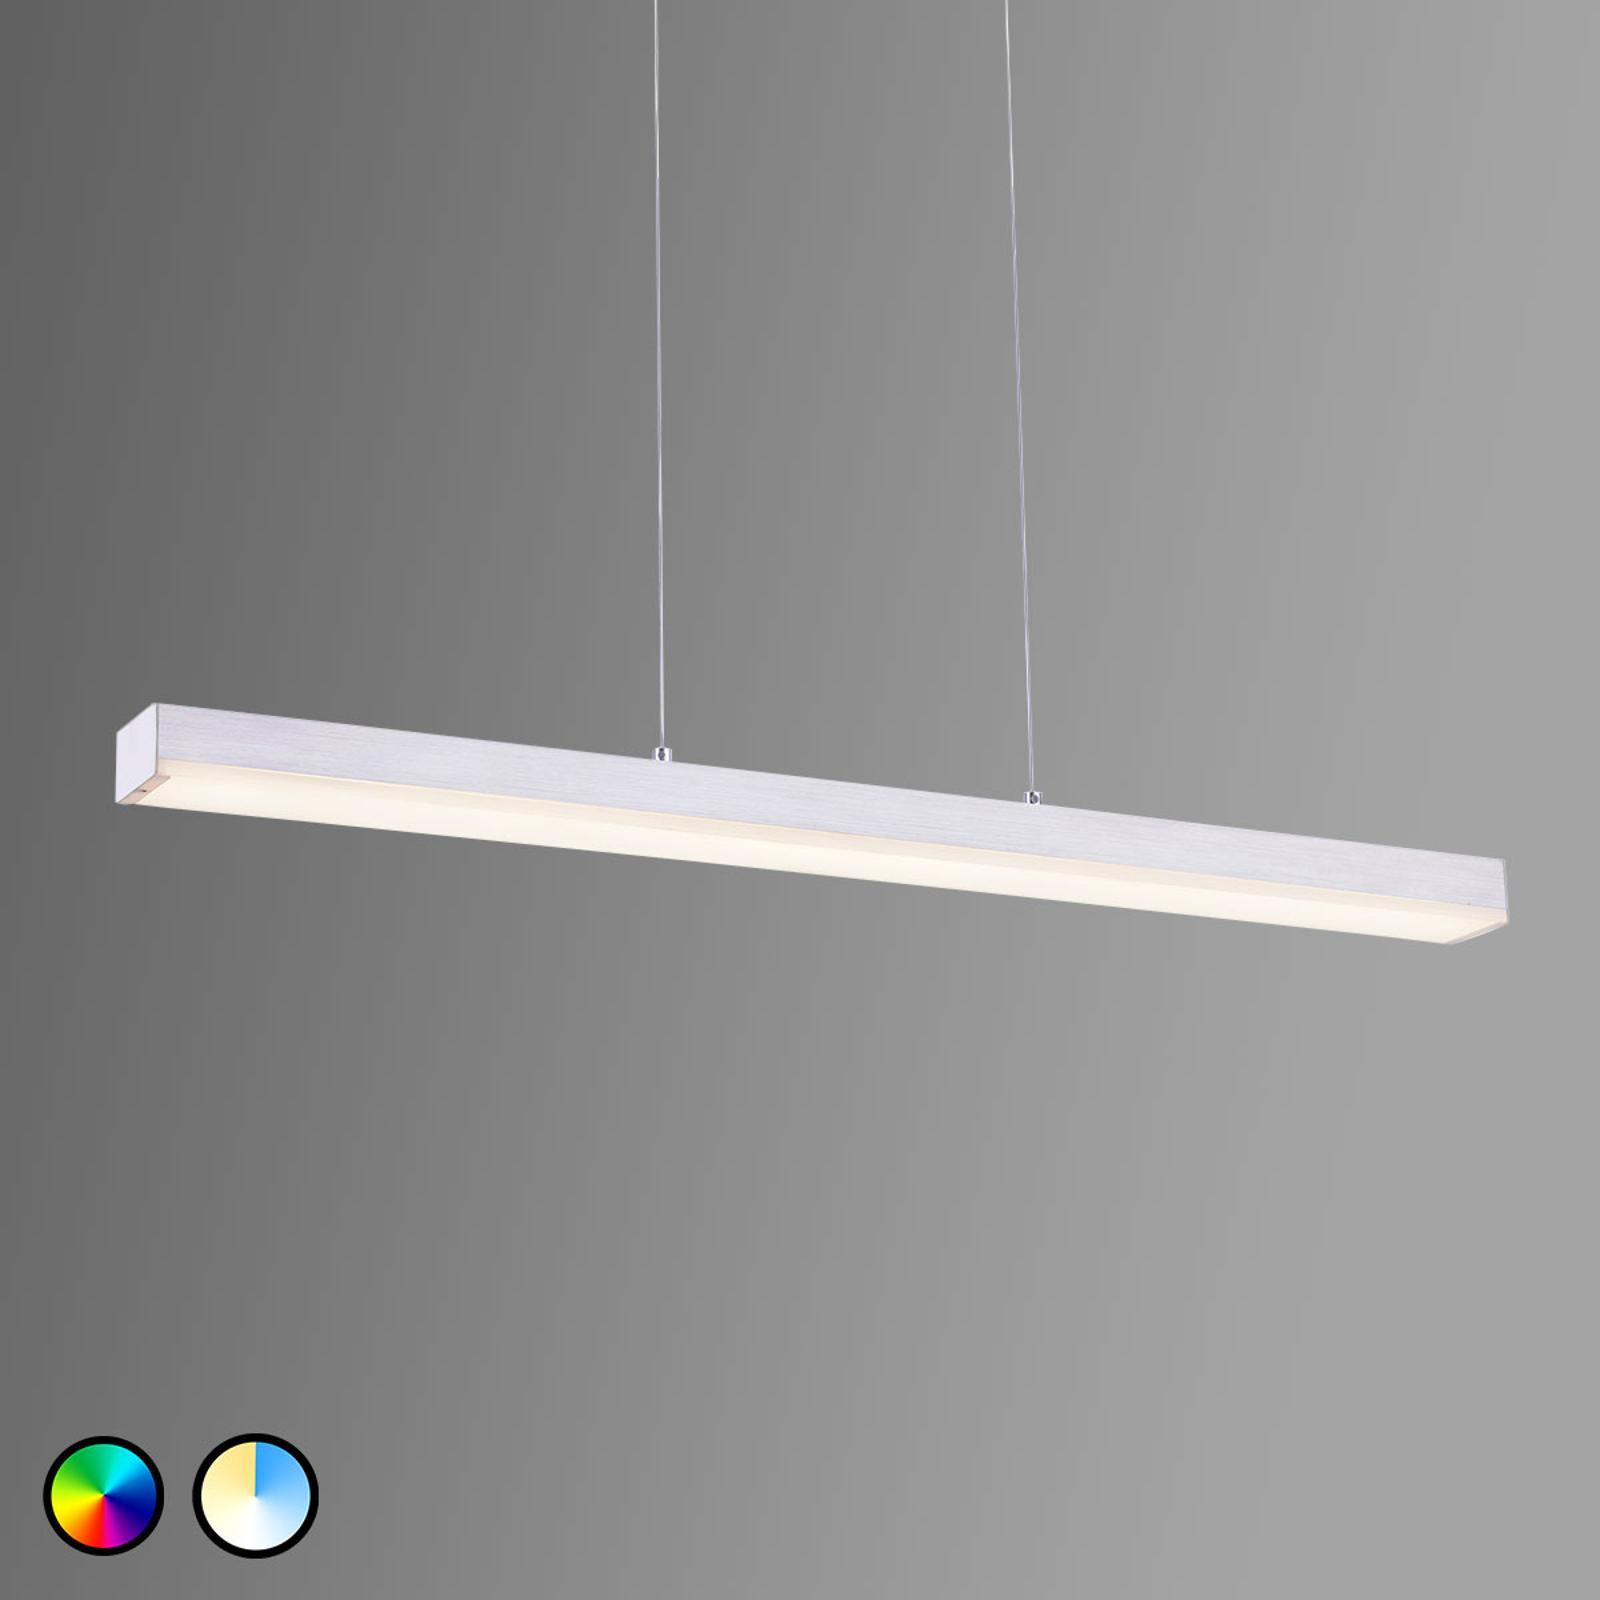 Trio WiZ Livaro lámpara colgante LED níquel mate